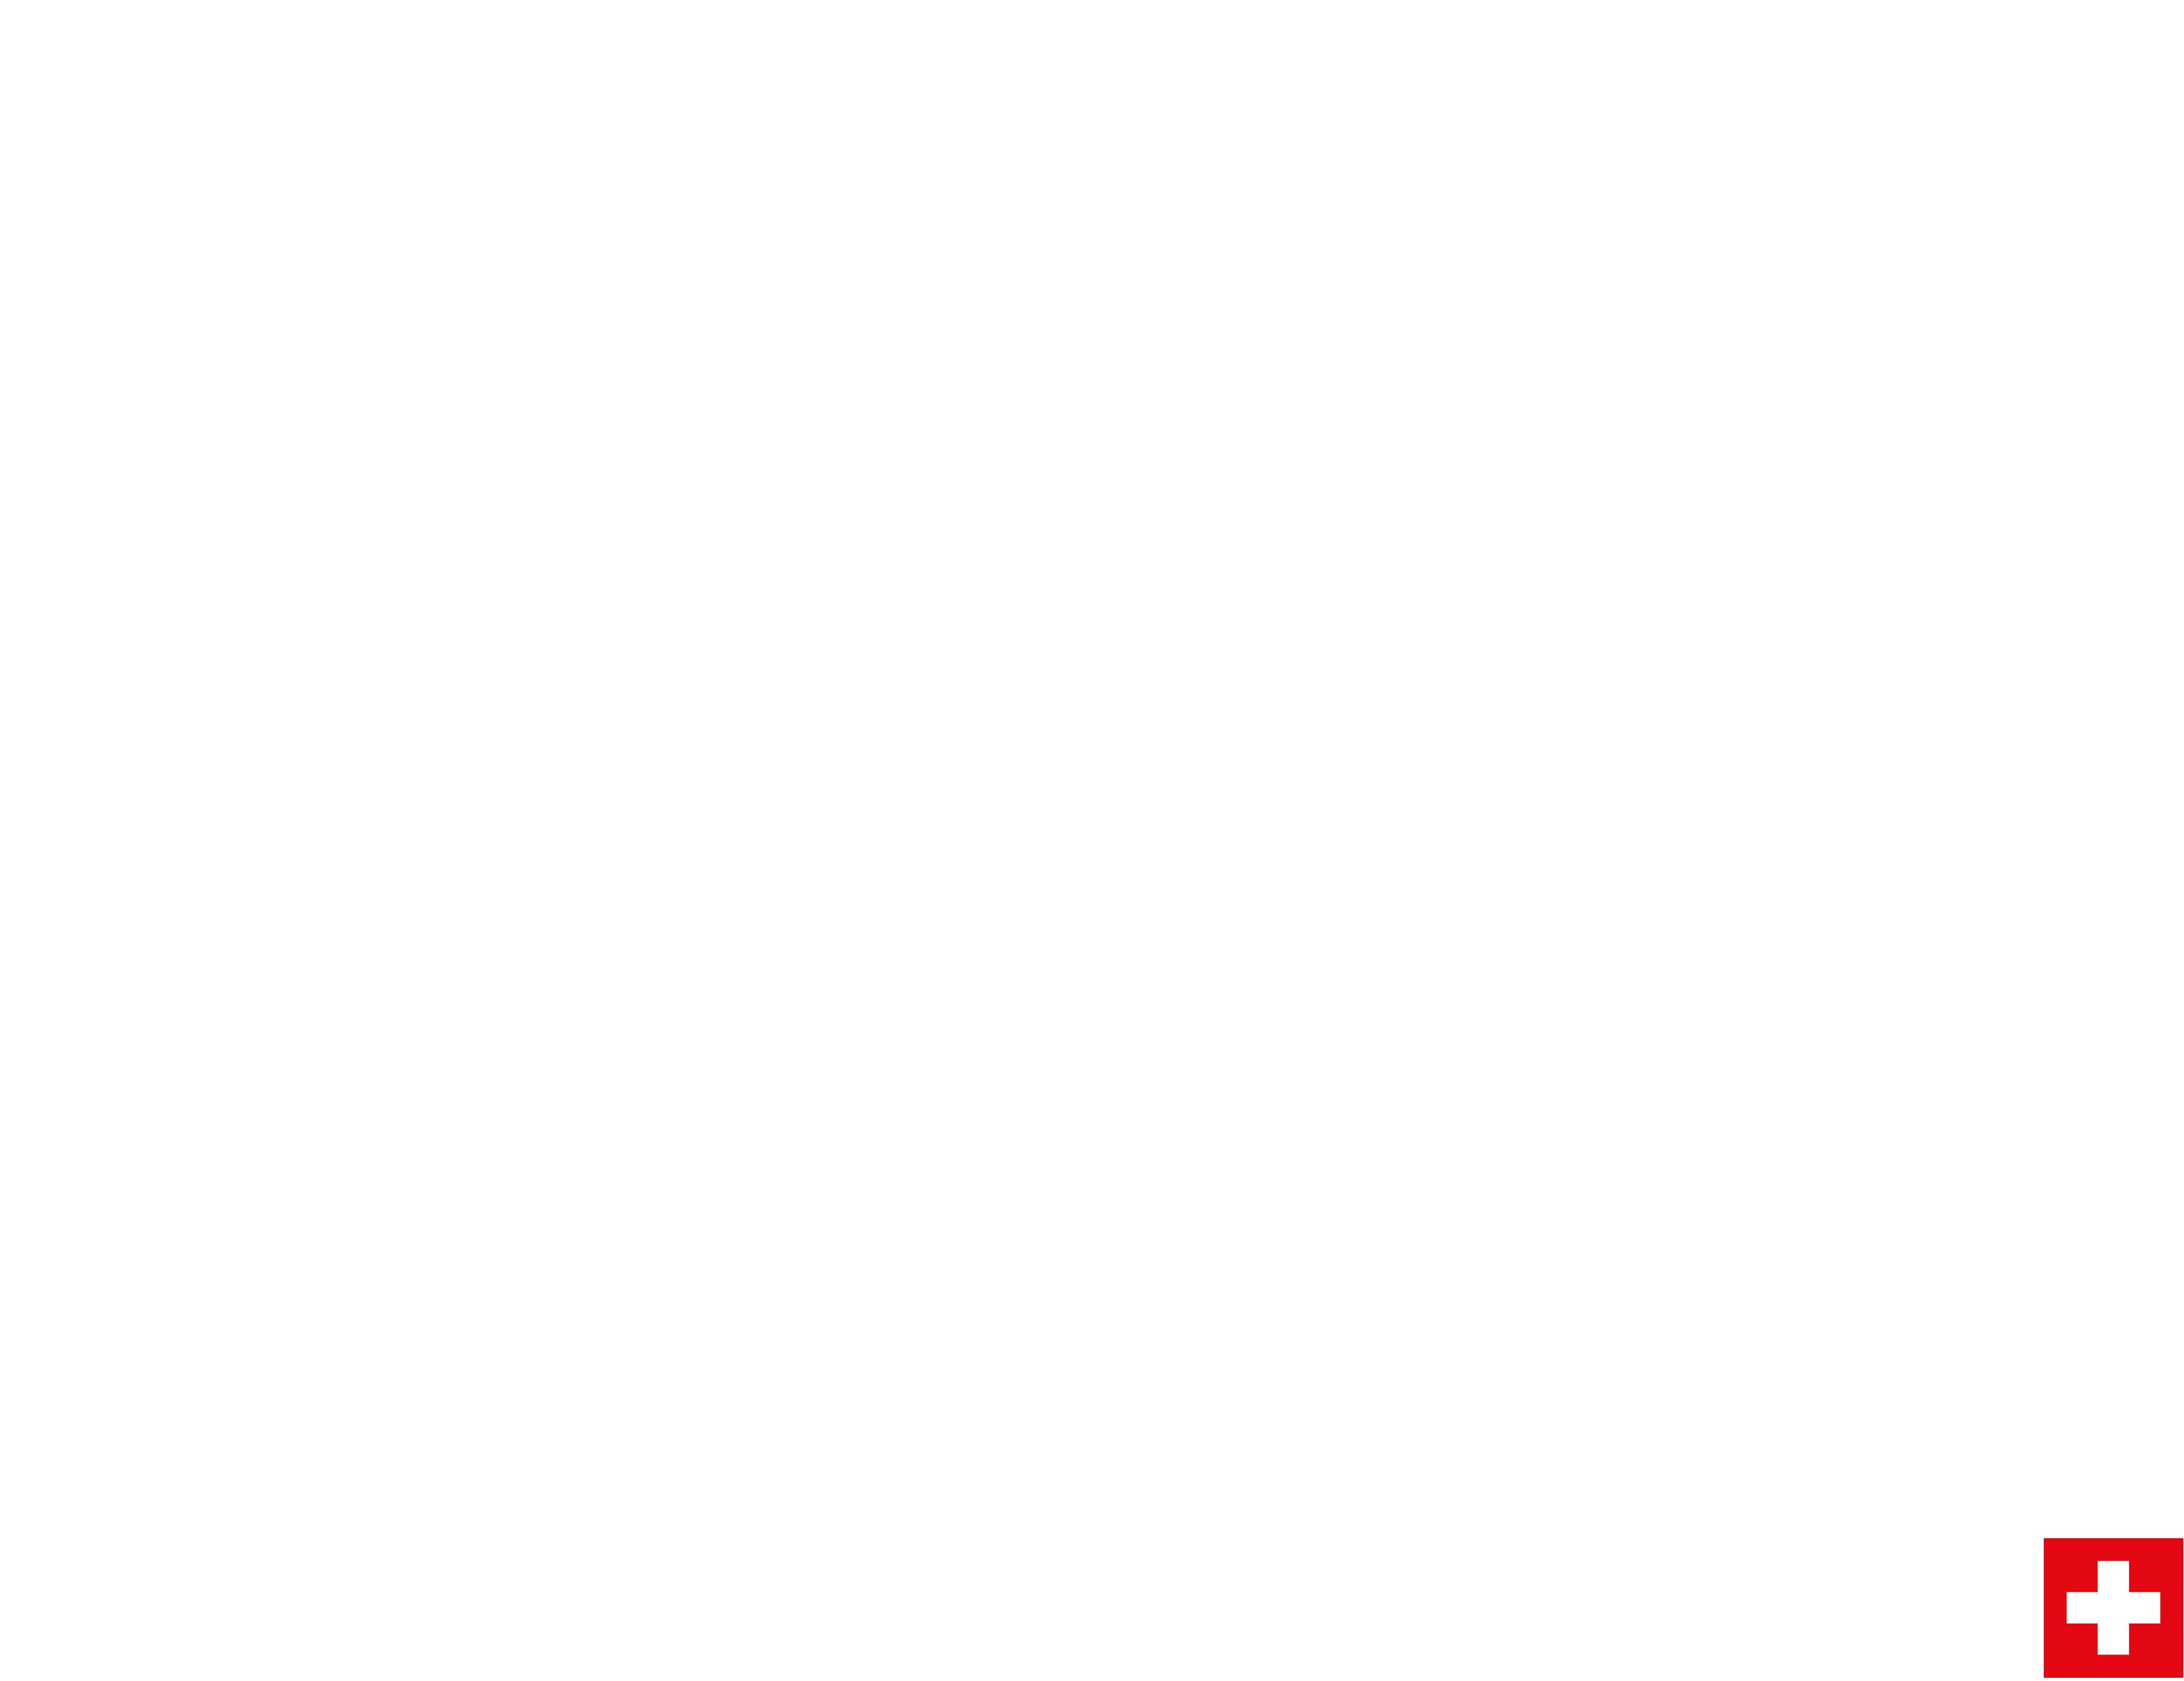 Lè Mayintson